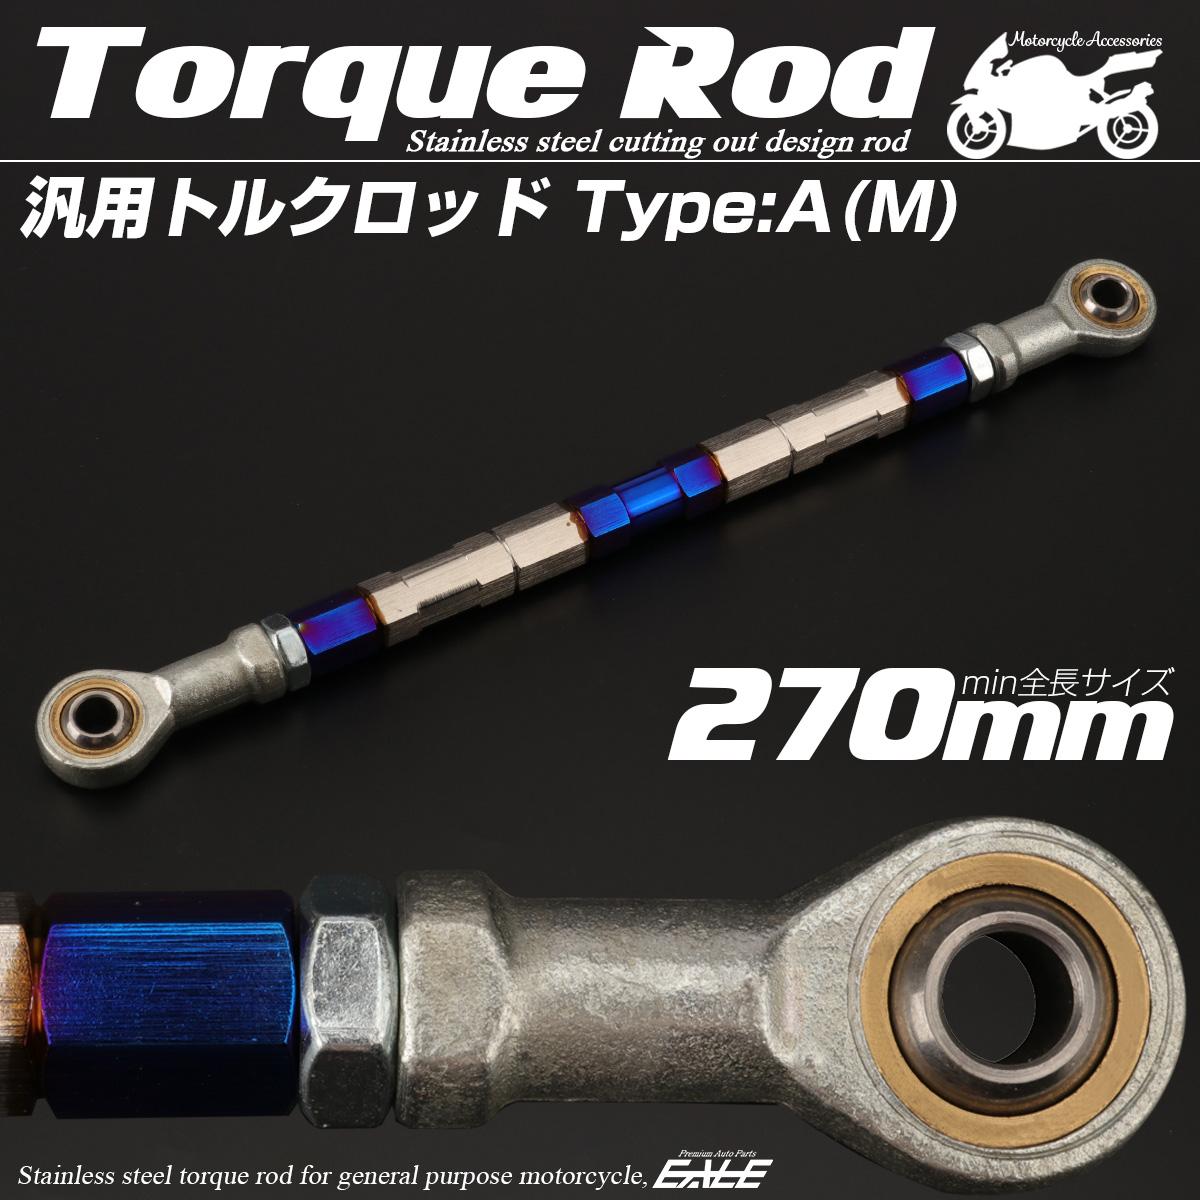 汎用 トルクロッド ステンレス Aタイプ Mサイズ 270mm バイク 二輪 シルバー&ブルー TH0064